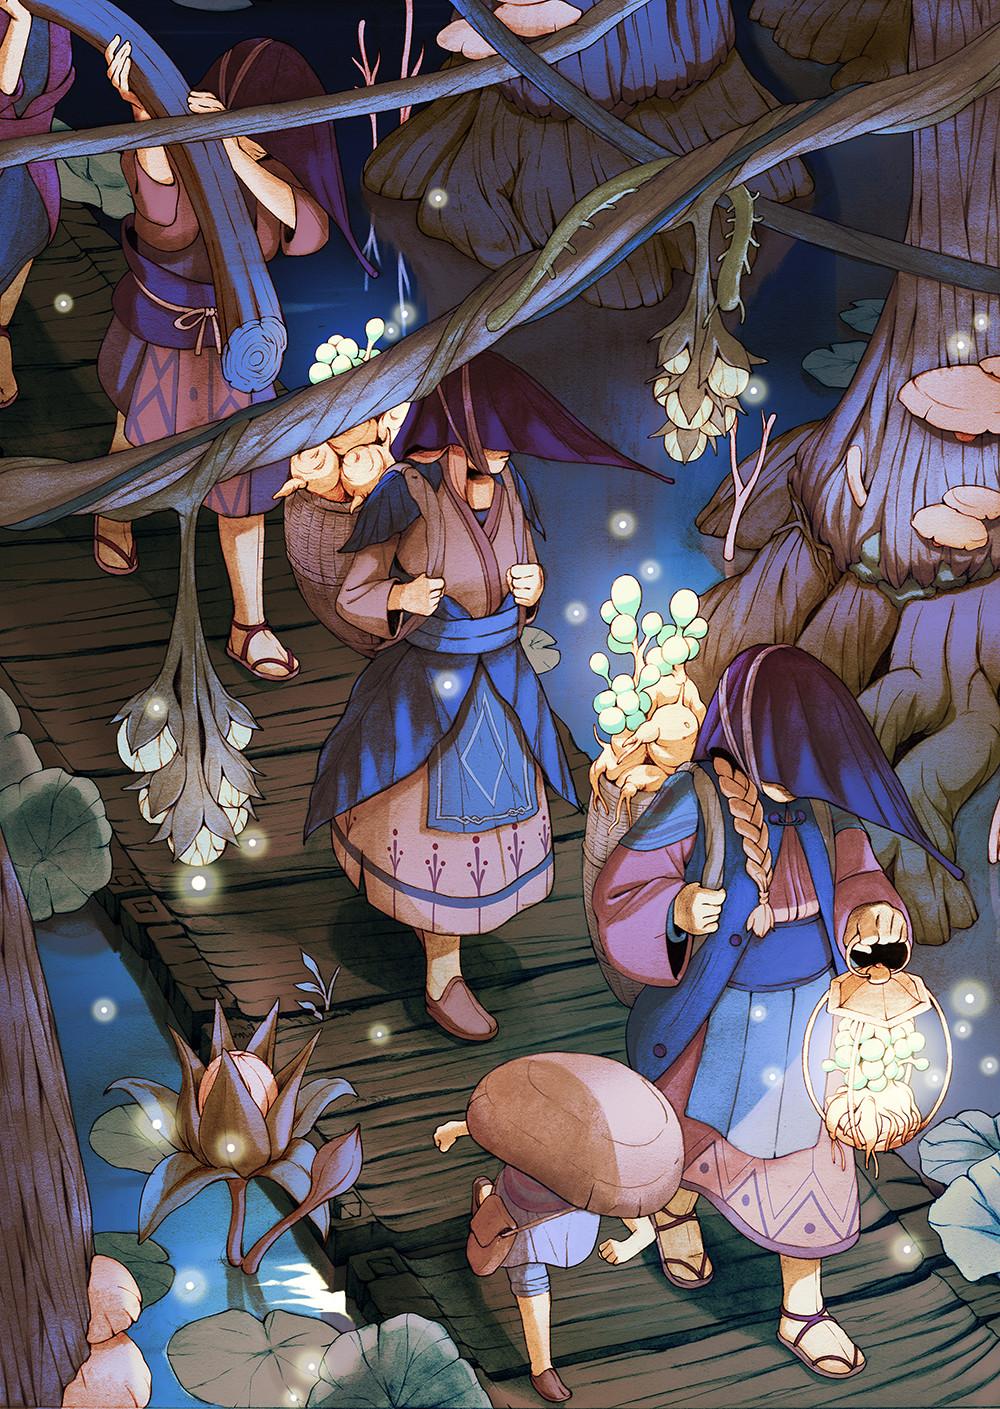 16款值得收藏的奇幻场景插画